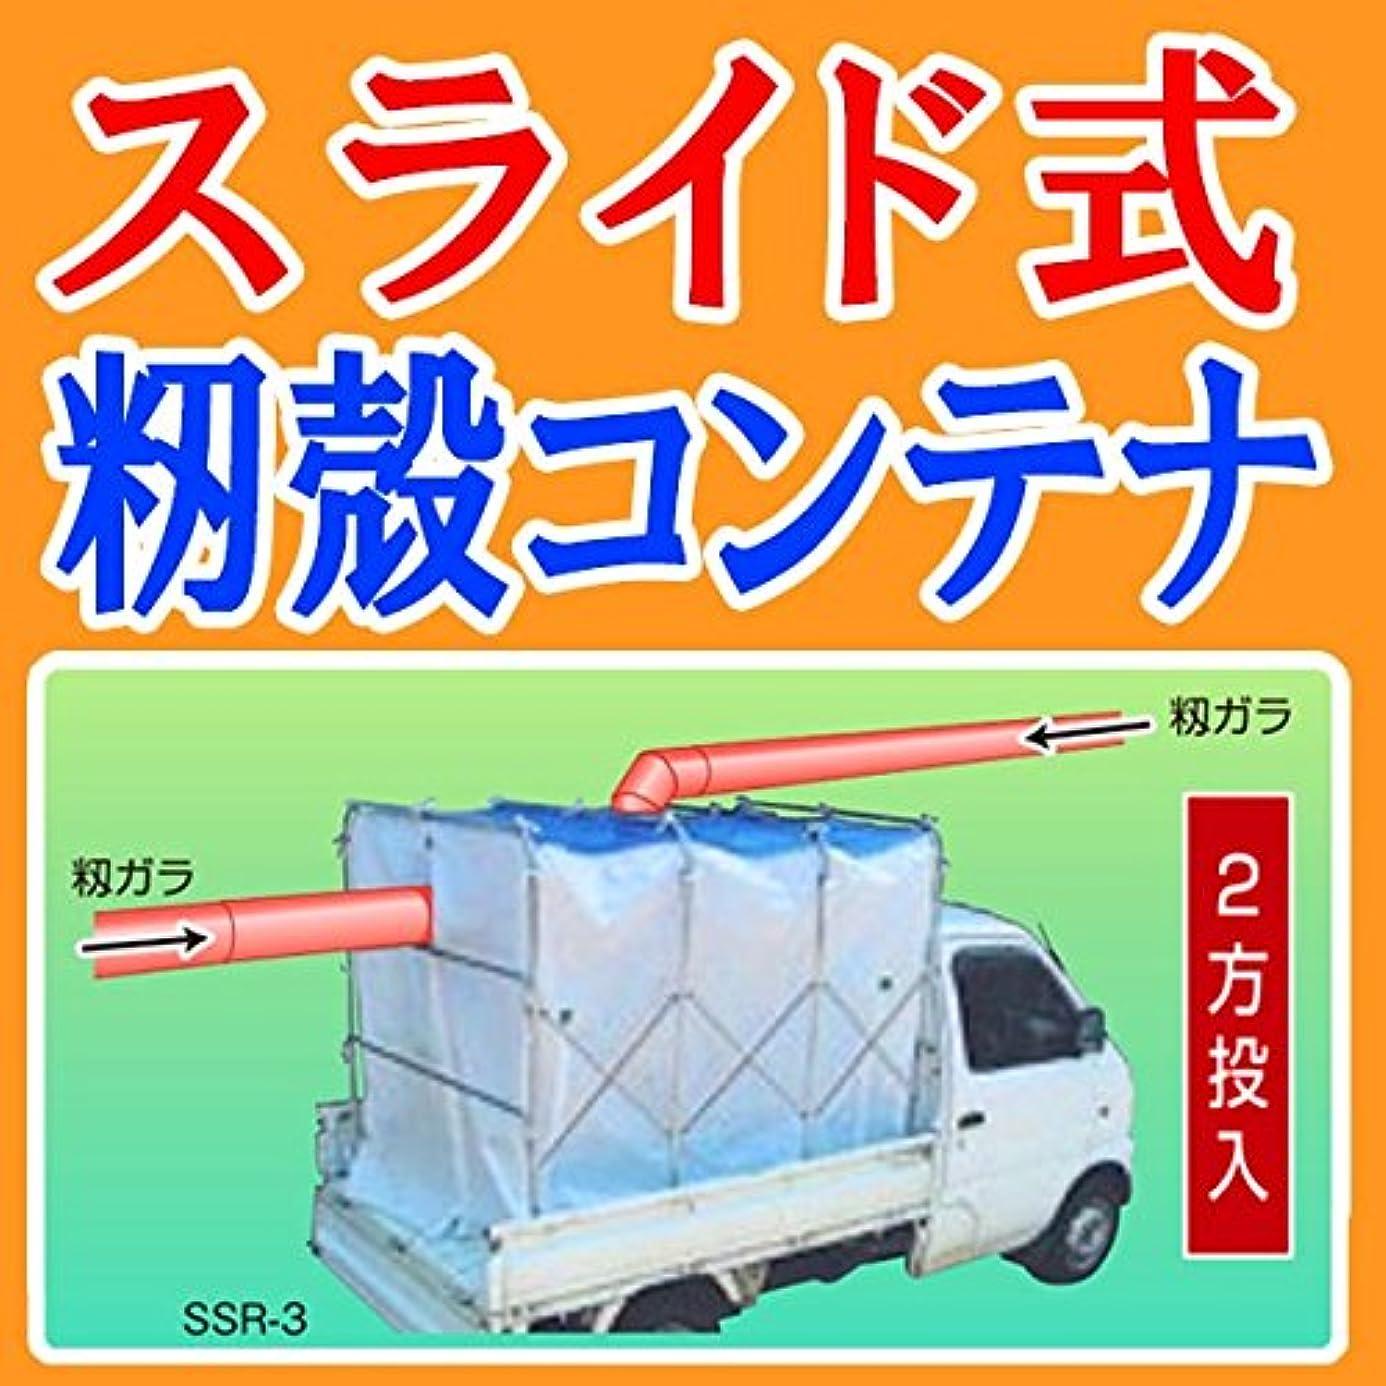 ステープルレインコートバックアップスライド式 もみがらコンテナ 軽トラック 3反 スライドX SSR-3 笹川農機 もみ殻コンテナ 籾殻コンテナ 【代引不可】